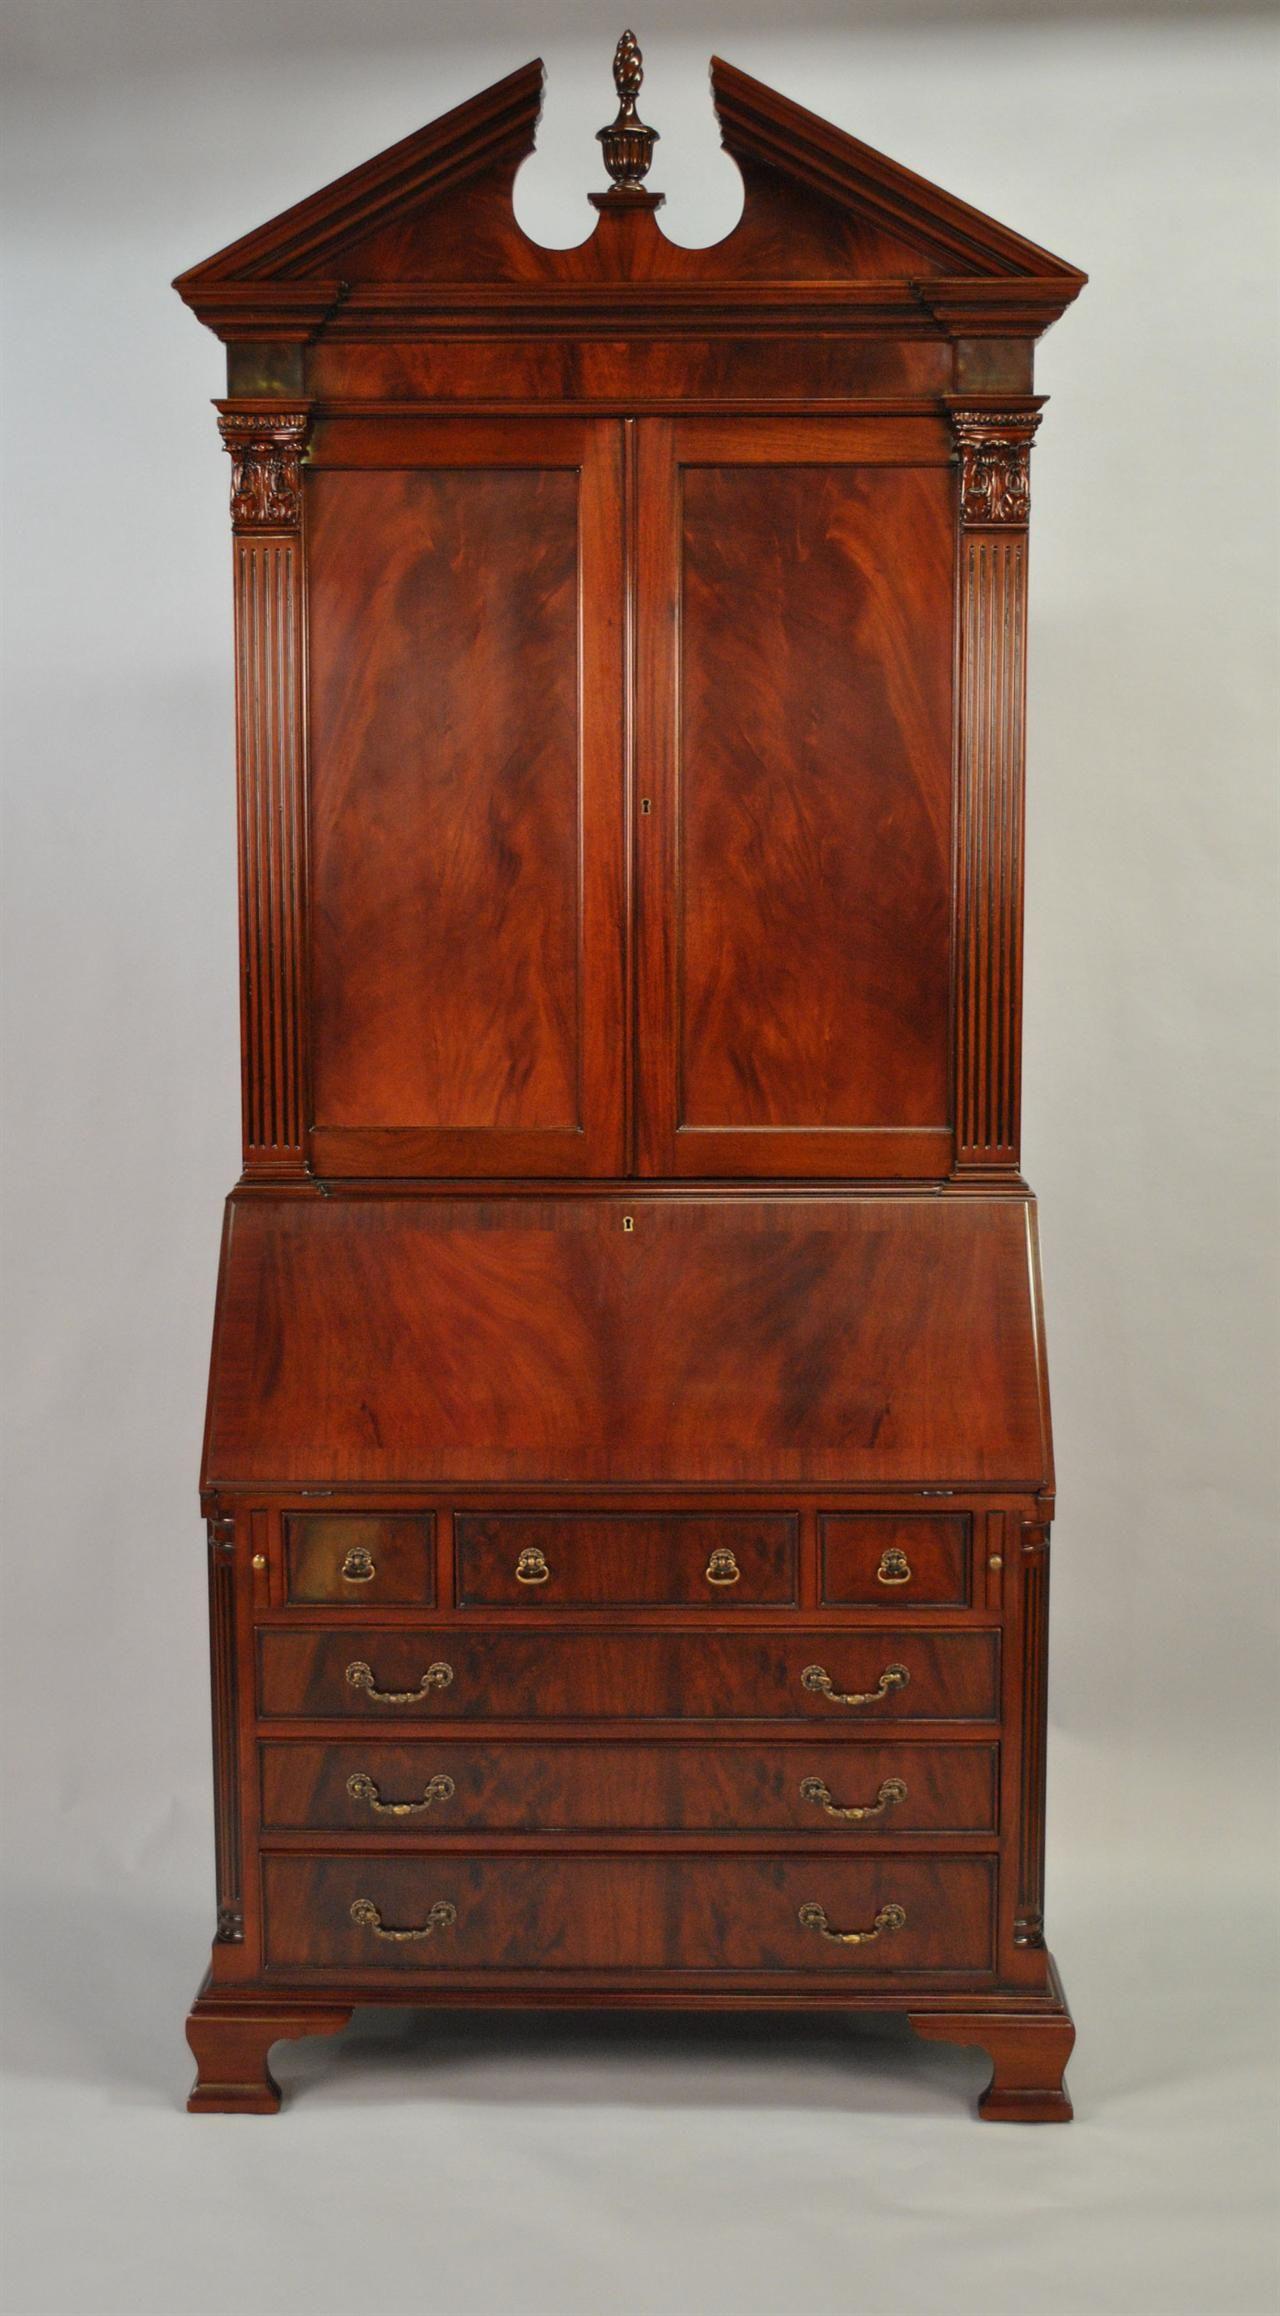 antique Colonial mahogany secretary desk, now THIS is furniture! - Antique Secretary Desk Colonial Secretary Desk, Mahogany